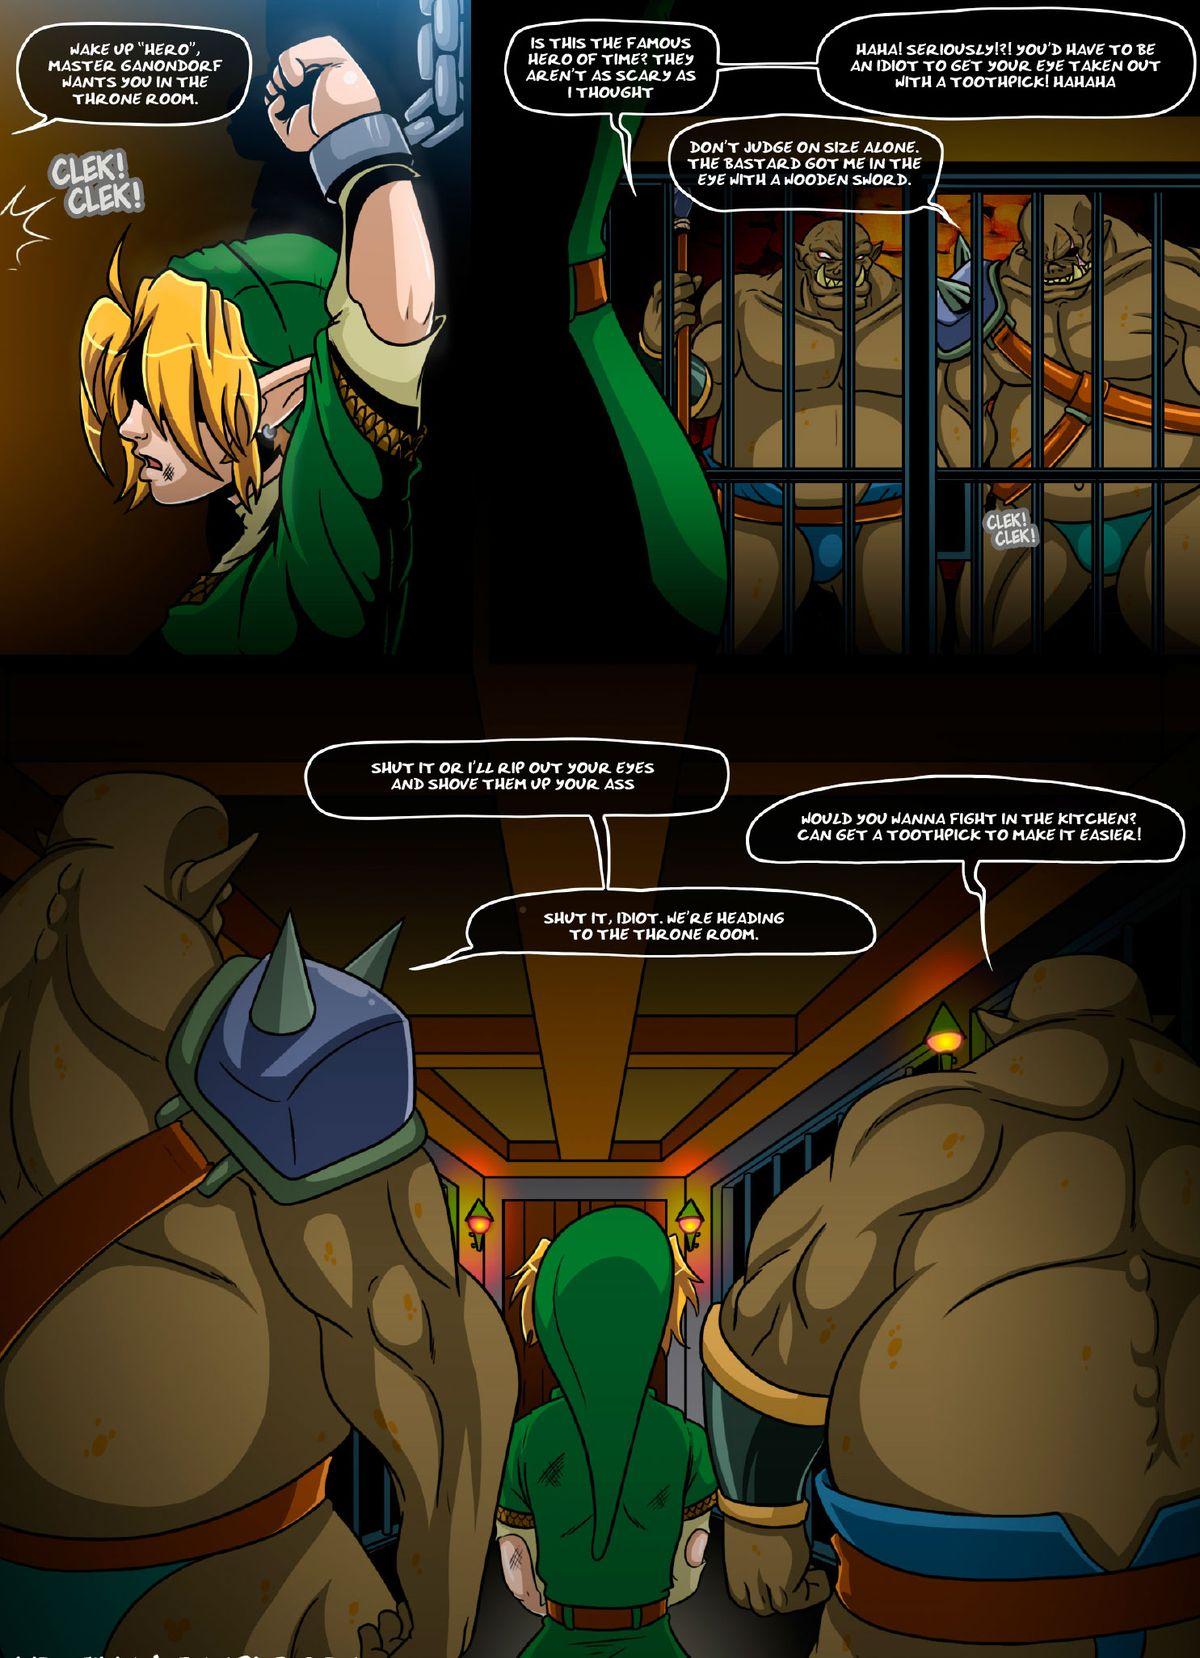 The Legend of Zelda 3